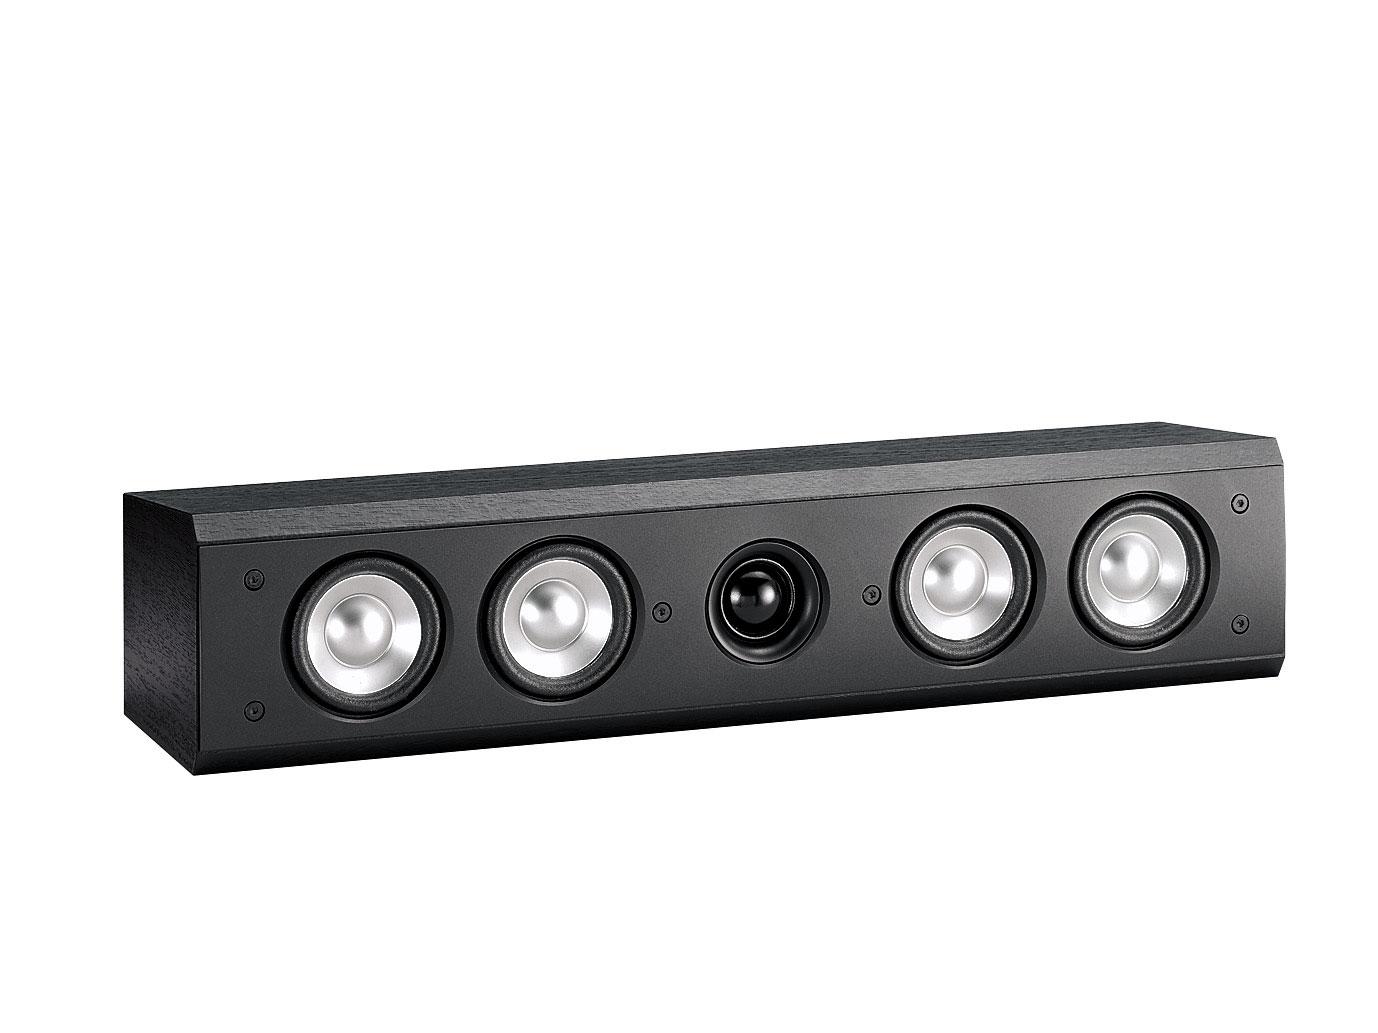 Yamaha Audio Products